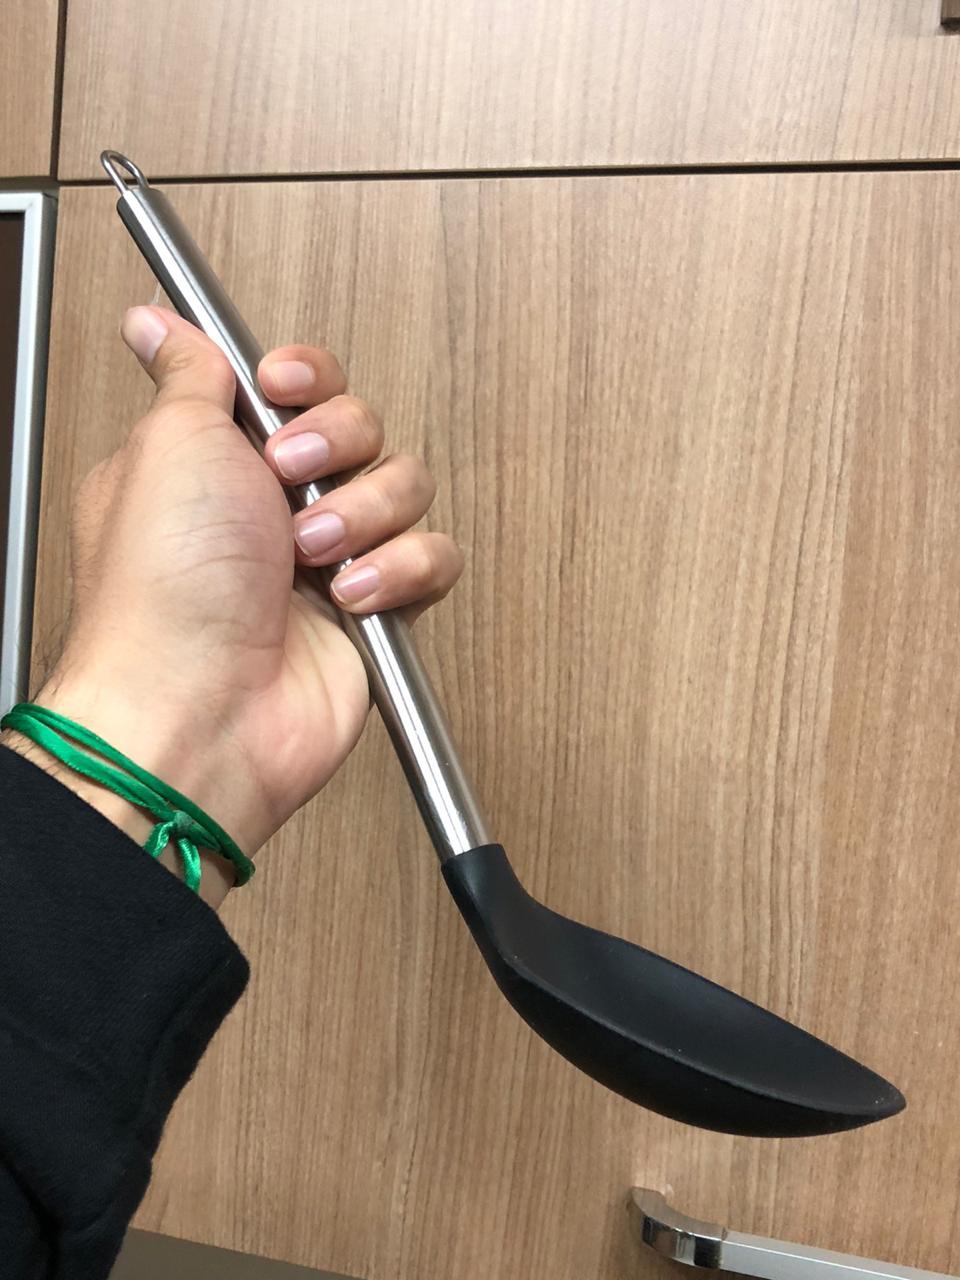 Colher de silicone arroz preta grande para servir inox 35cm utensílio de cozinha